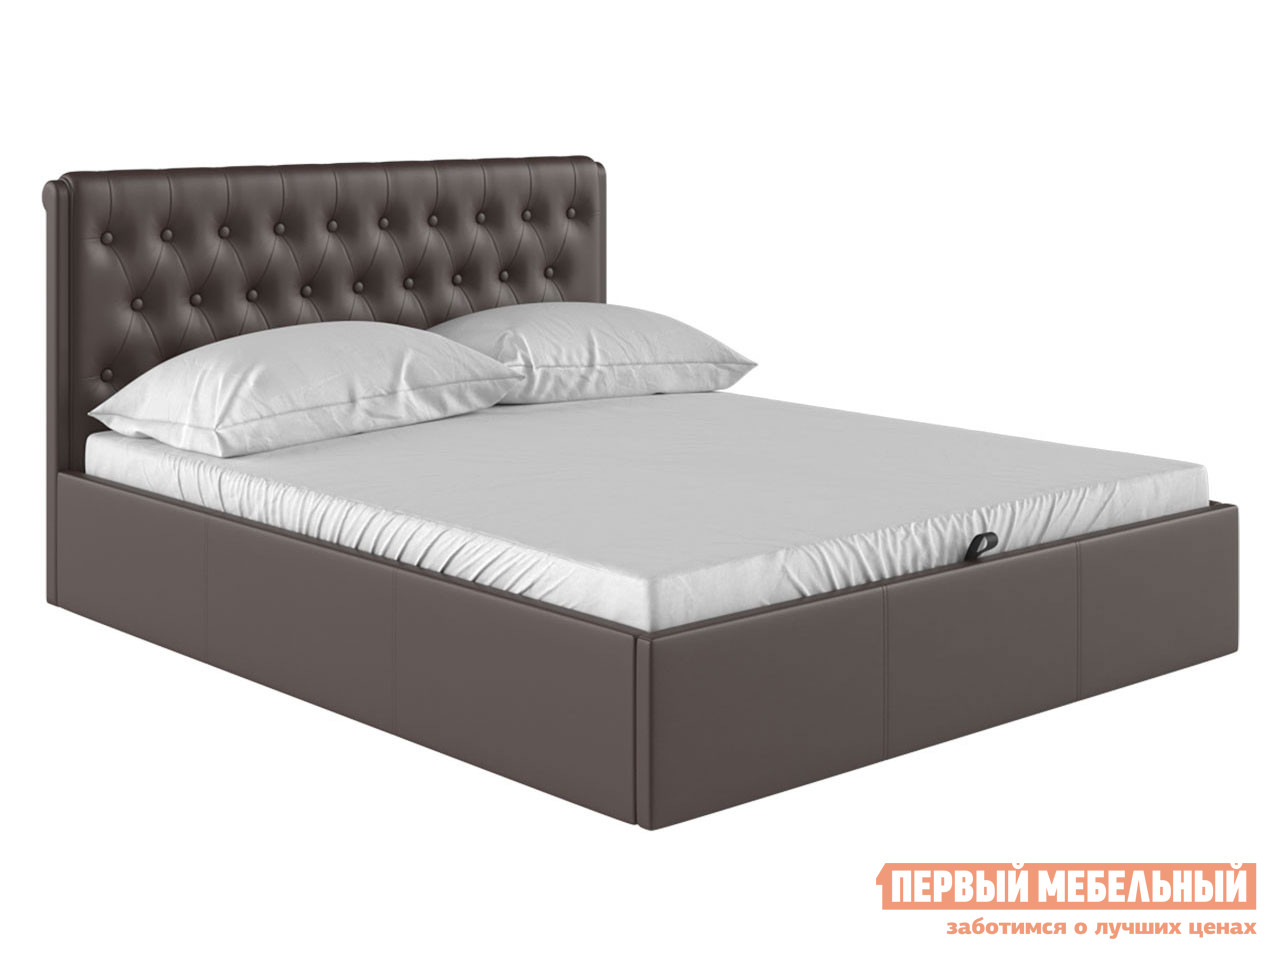 Двуспальная кровать  Кровать с подъемным механизмом Моника Коричневый экокожа, 1600 Х 2000 мм — Кровать с подъемным механизмом Моника Коричневый экокожа, 1600 Х 2000 мм